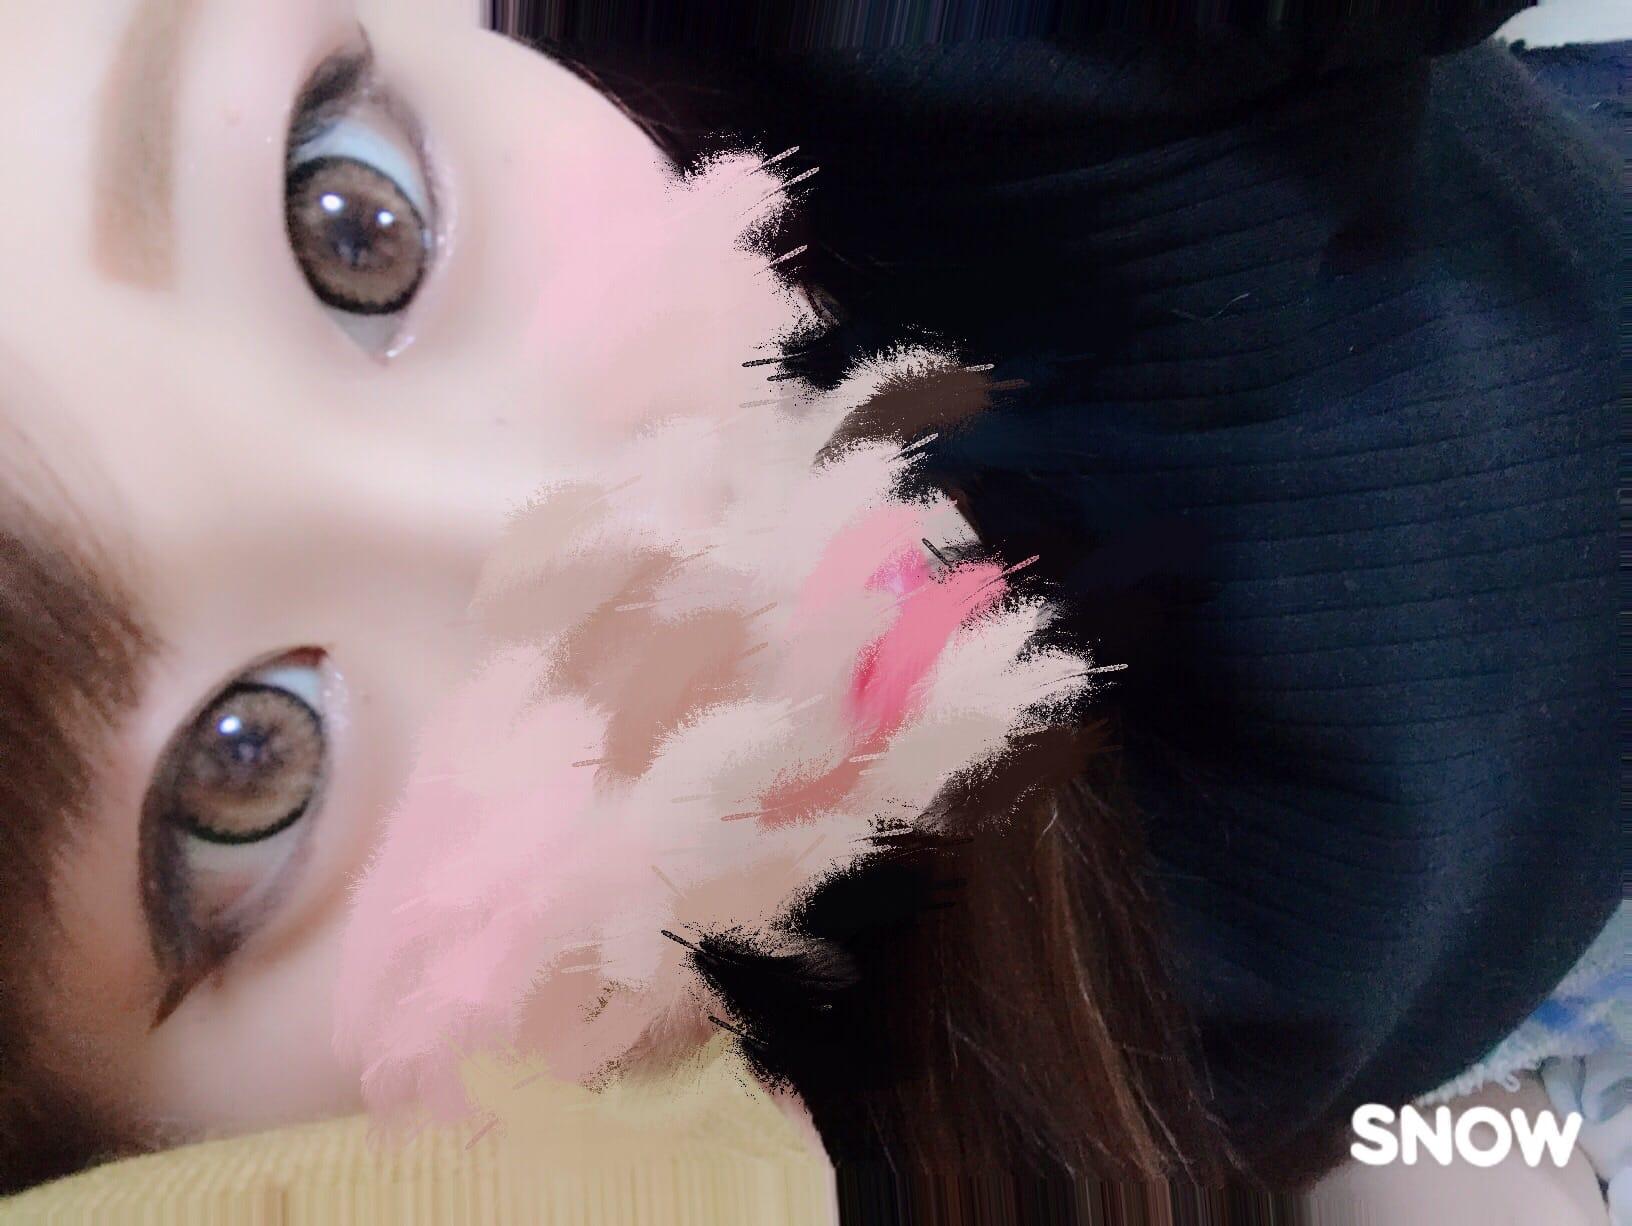 れんれん「たーいき」03/23(金) 23:10 | れんれんの写メ・風俗動画